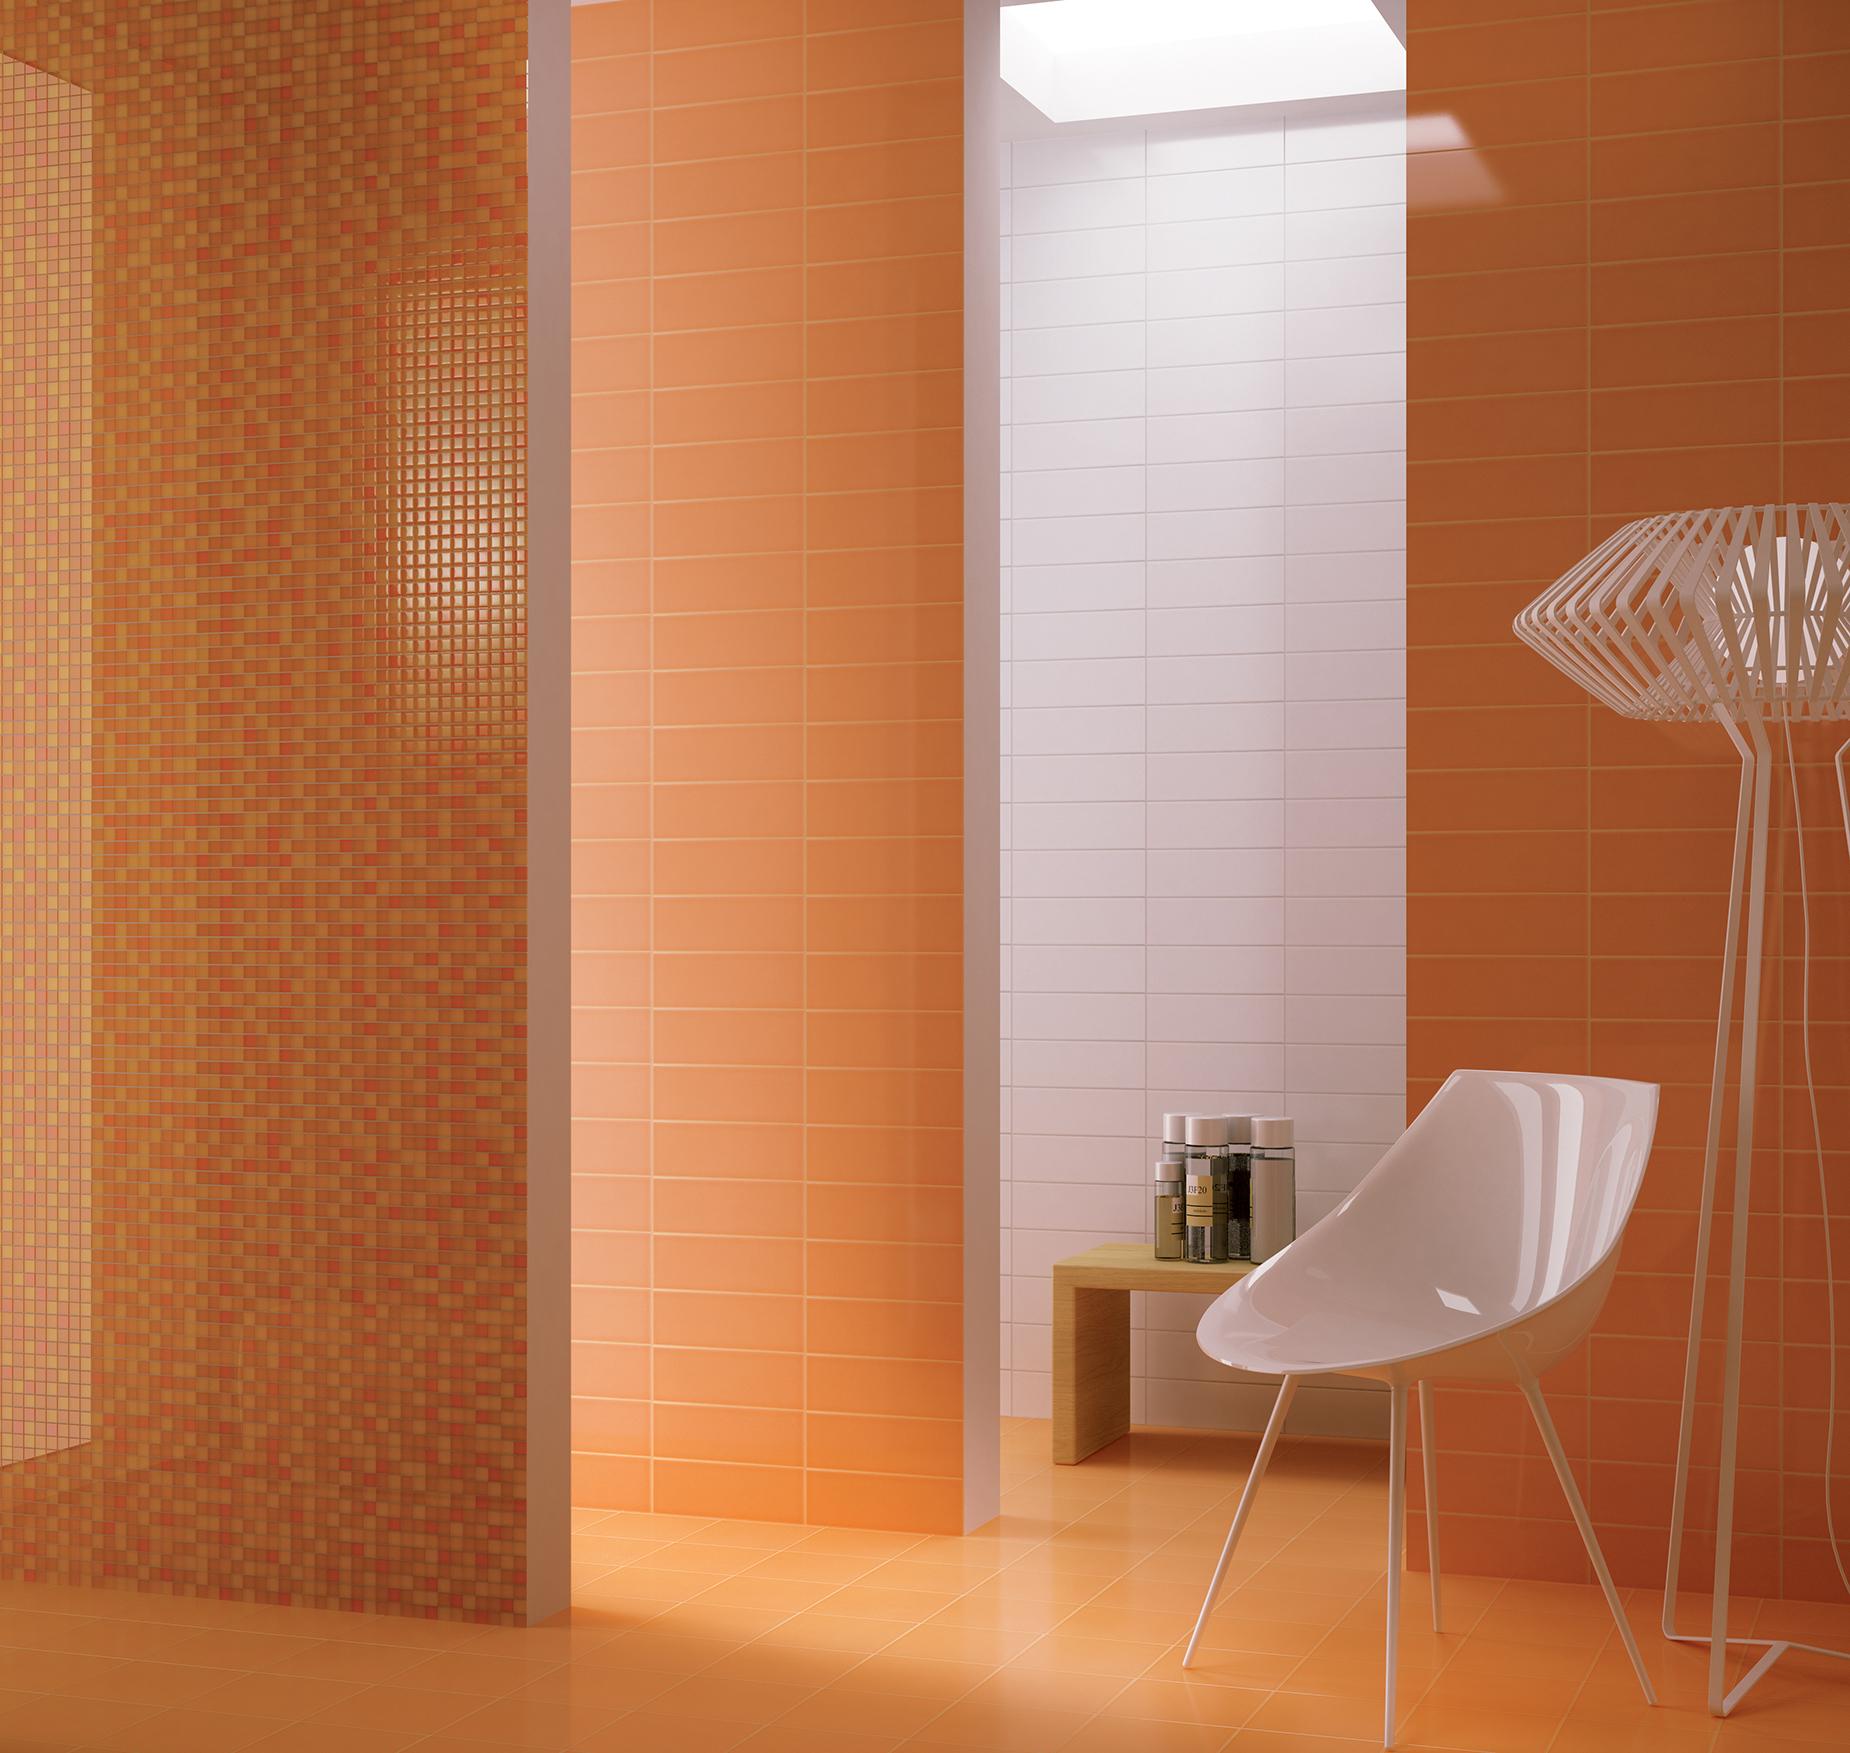 Piastrelle Arancioni Per Bagno serie energy - pavimenti e rivestimenti - moda